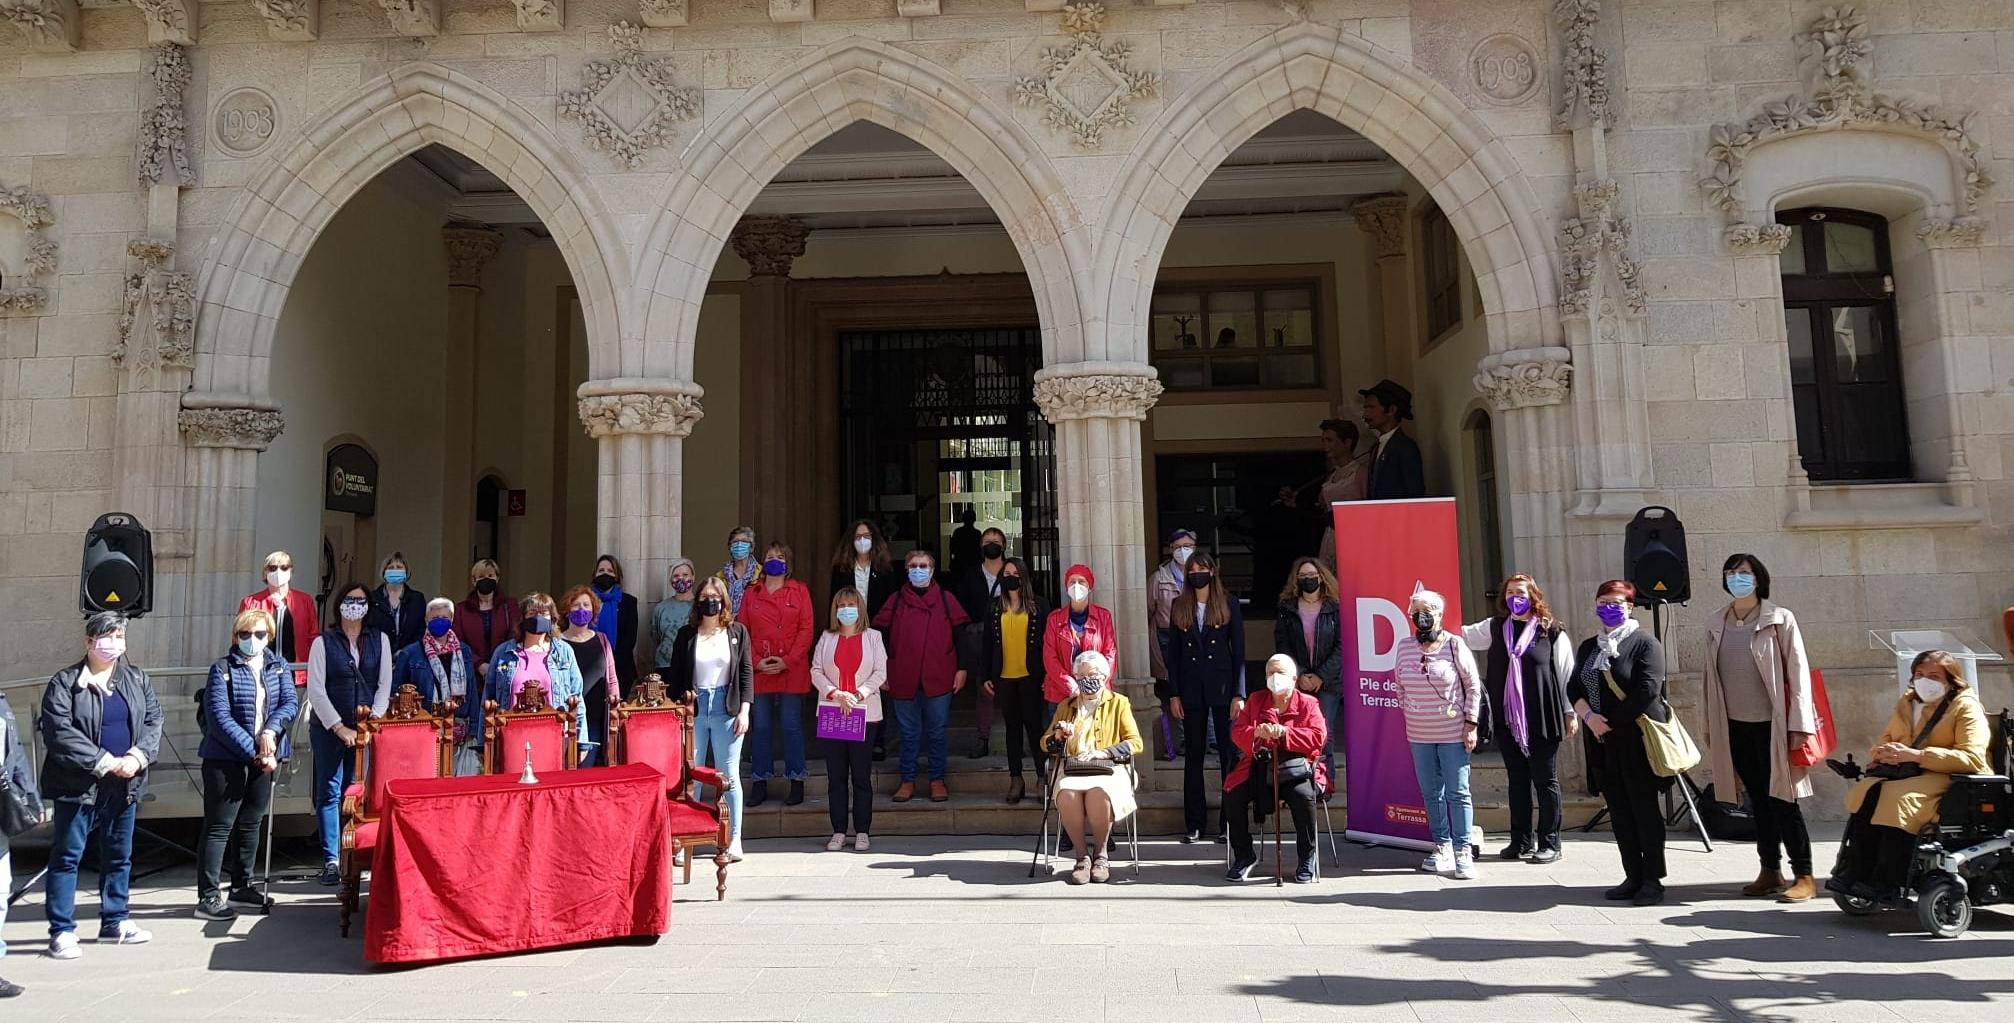 Regidores i representants dels col·lectius i entitats de la Comissió 8 de març   Lluïsa Tarrida